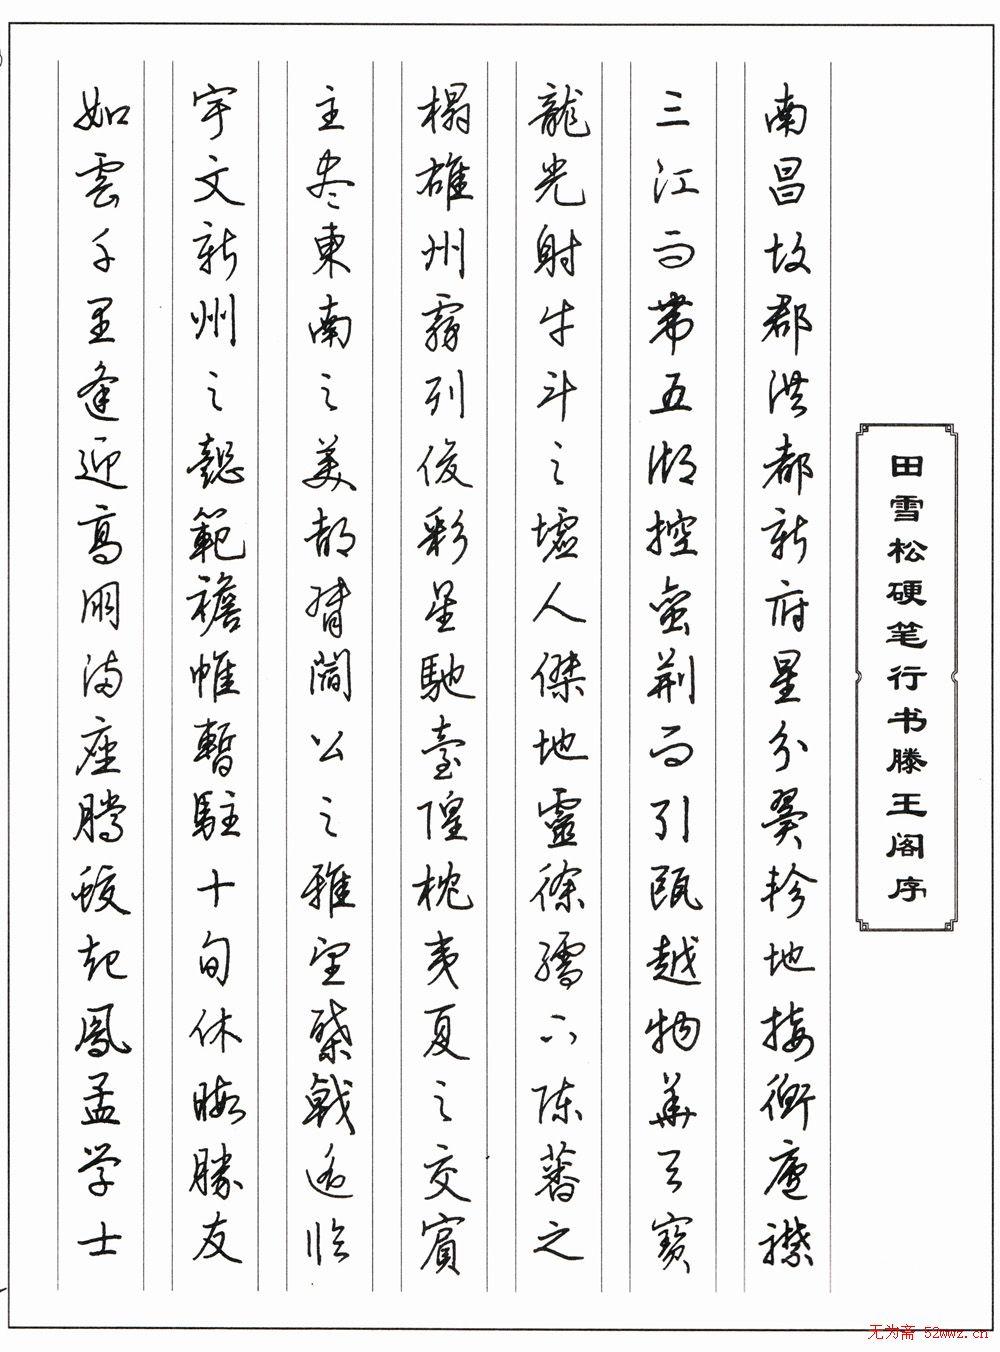 田雪松硬笔书法作品欣赏图片